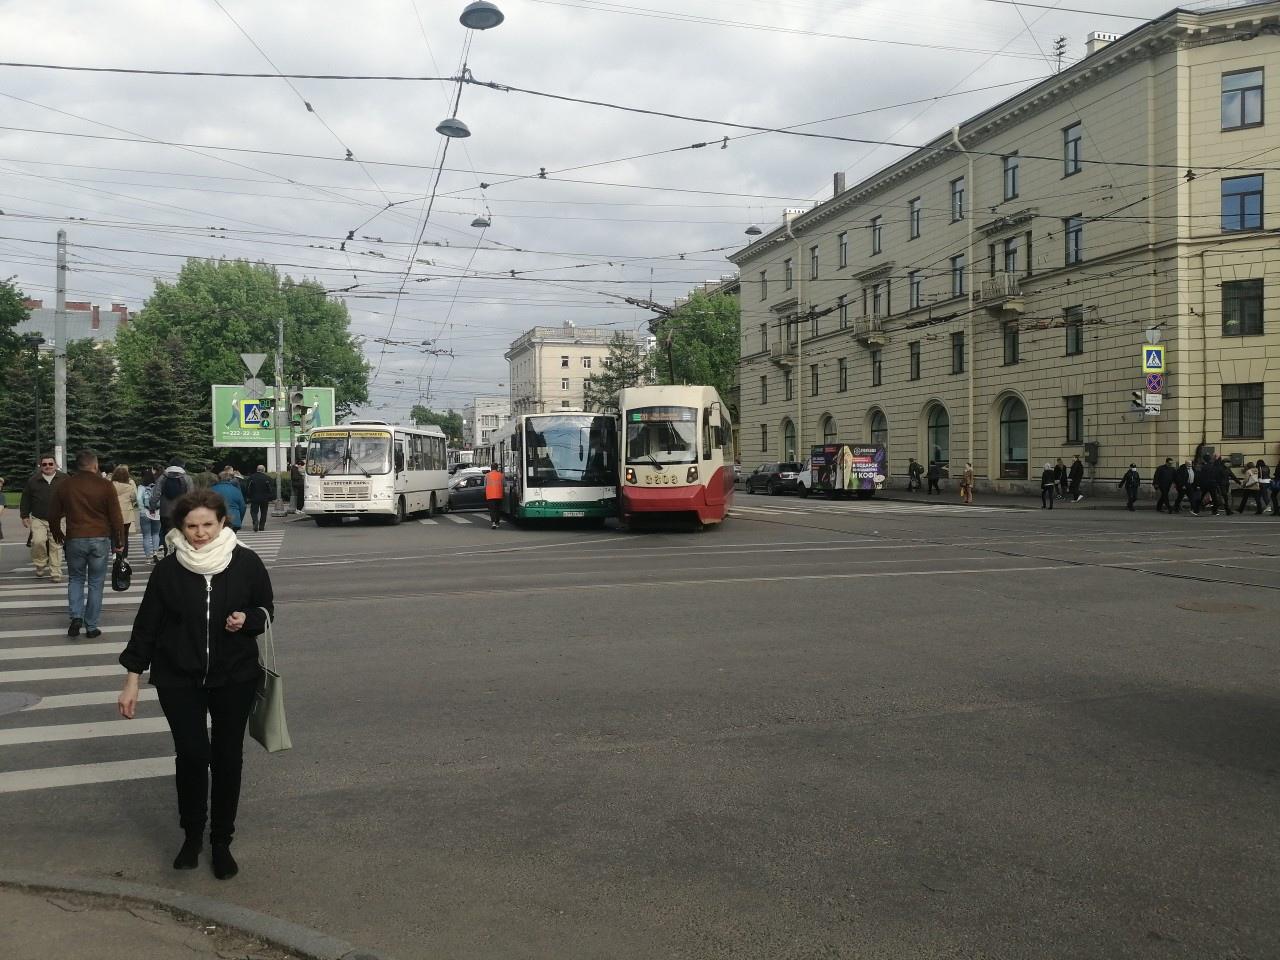 На перекрестке Боткинской и Лебедева притёрлись трамвай и автобус. Проезд затруднён, трамвай пассажи...